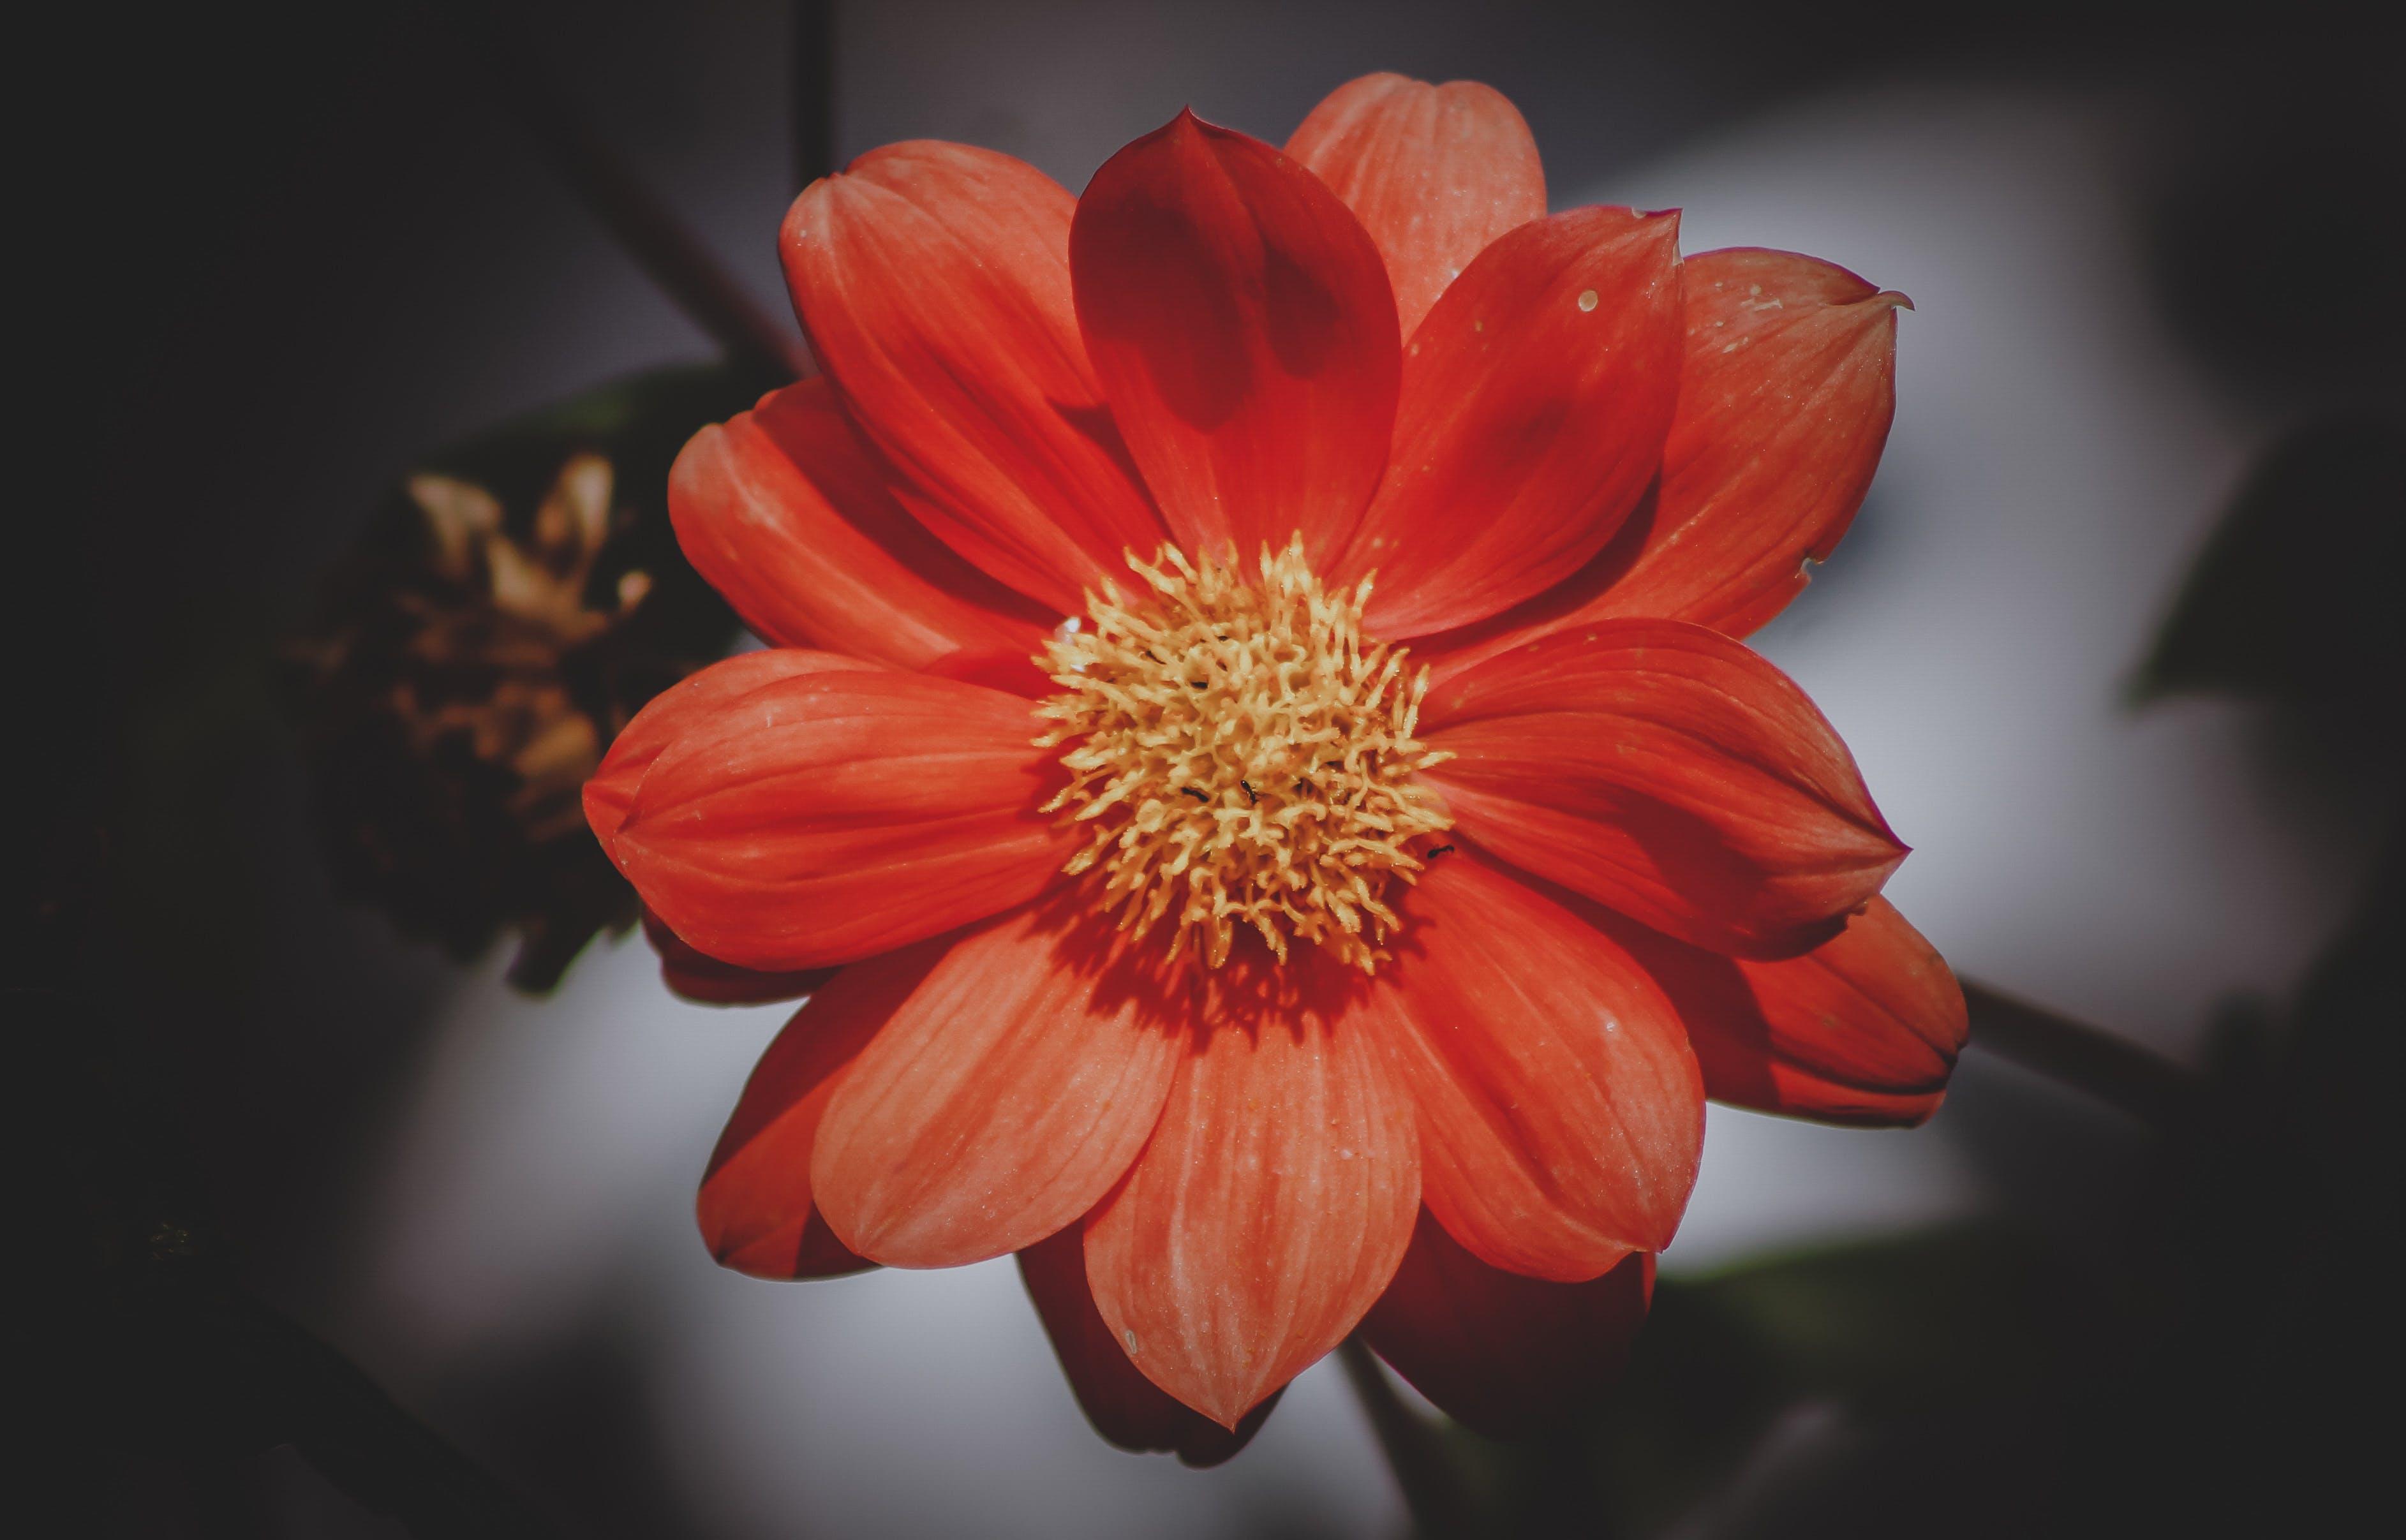 Kostenloses Stock Foto zu blume, blütenblätter, blütenstaub, dekoration